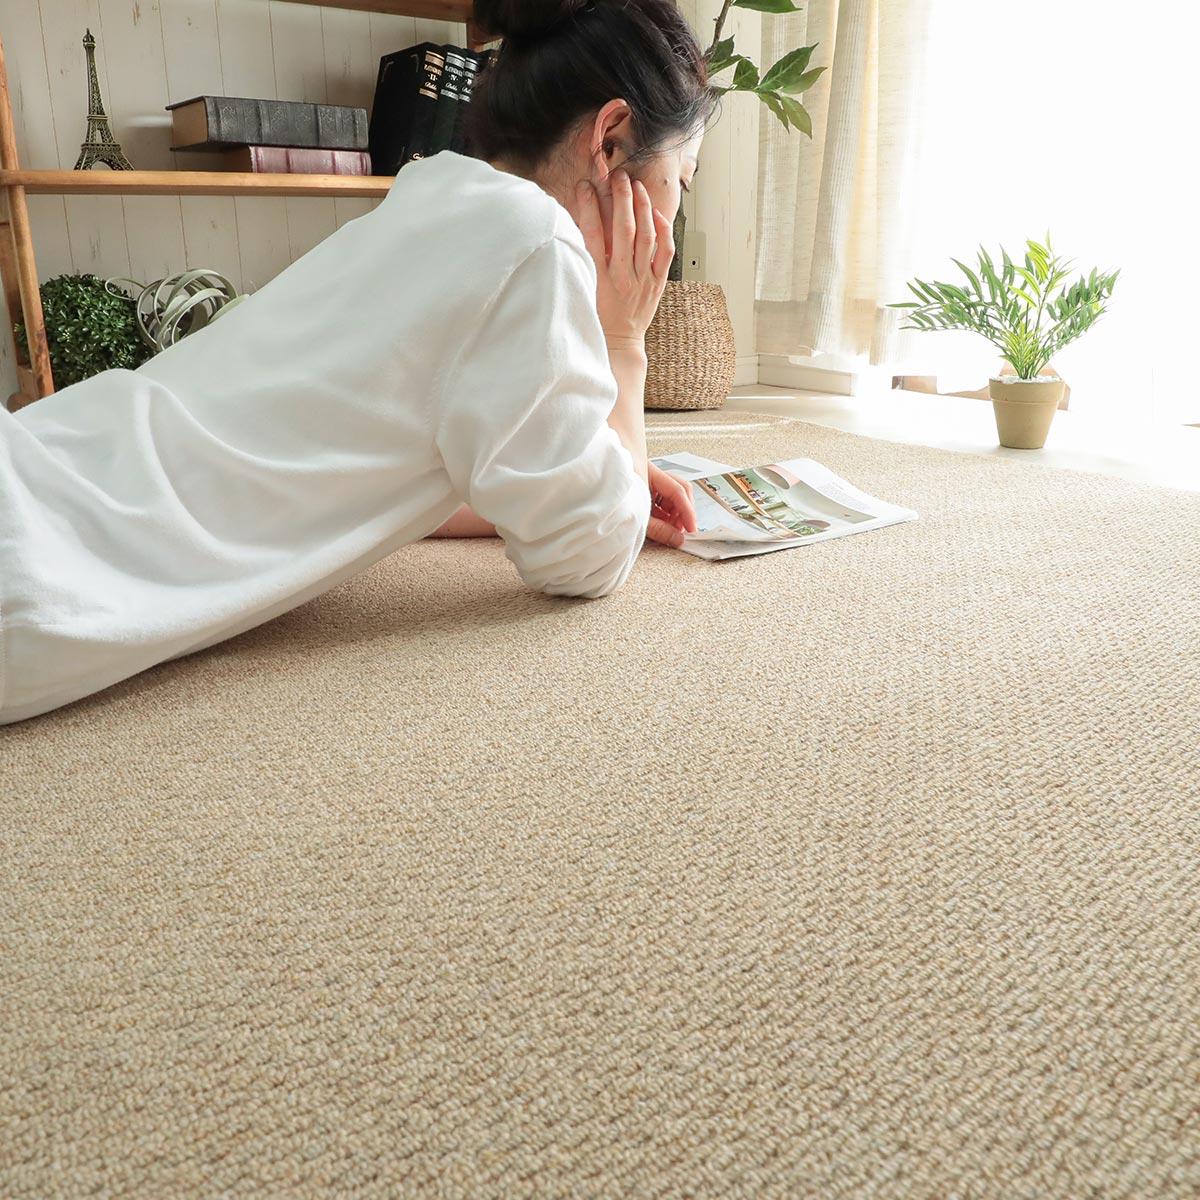 クッション性・防音性に優れたカンガバック素材を使用したカーペット。